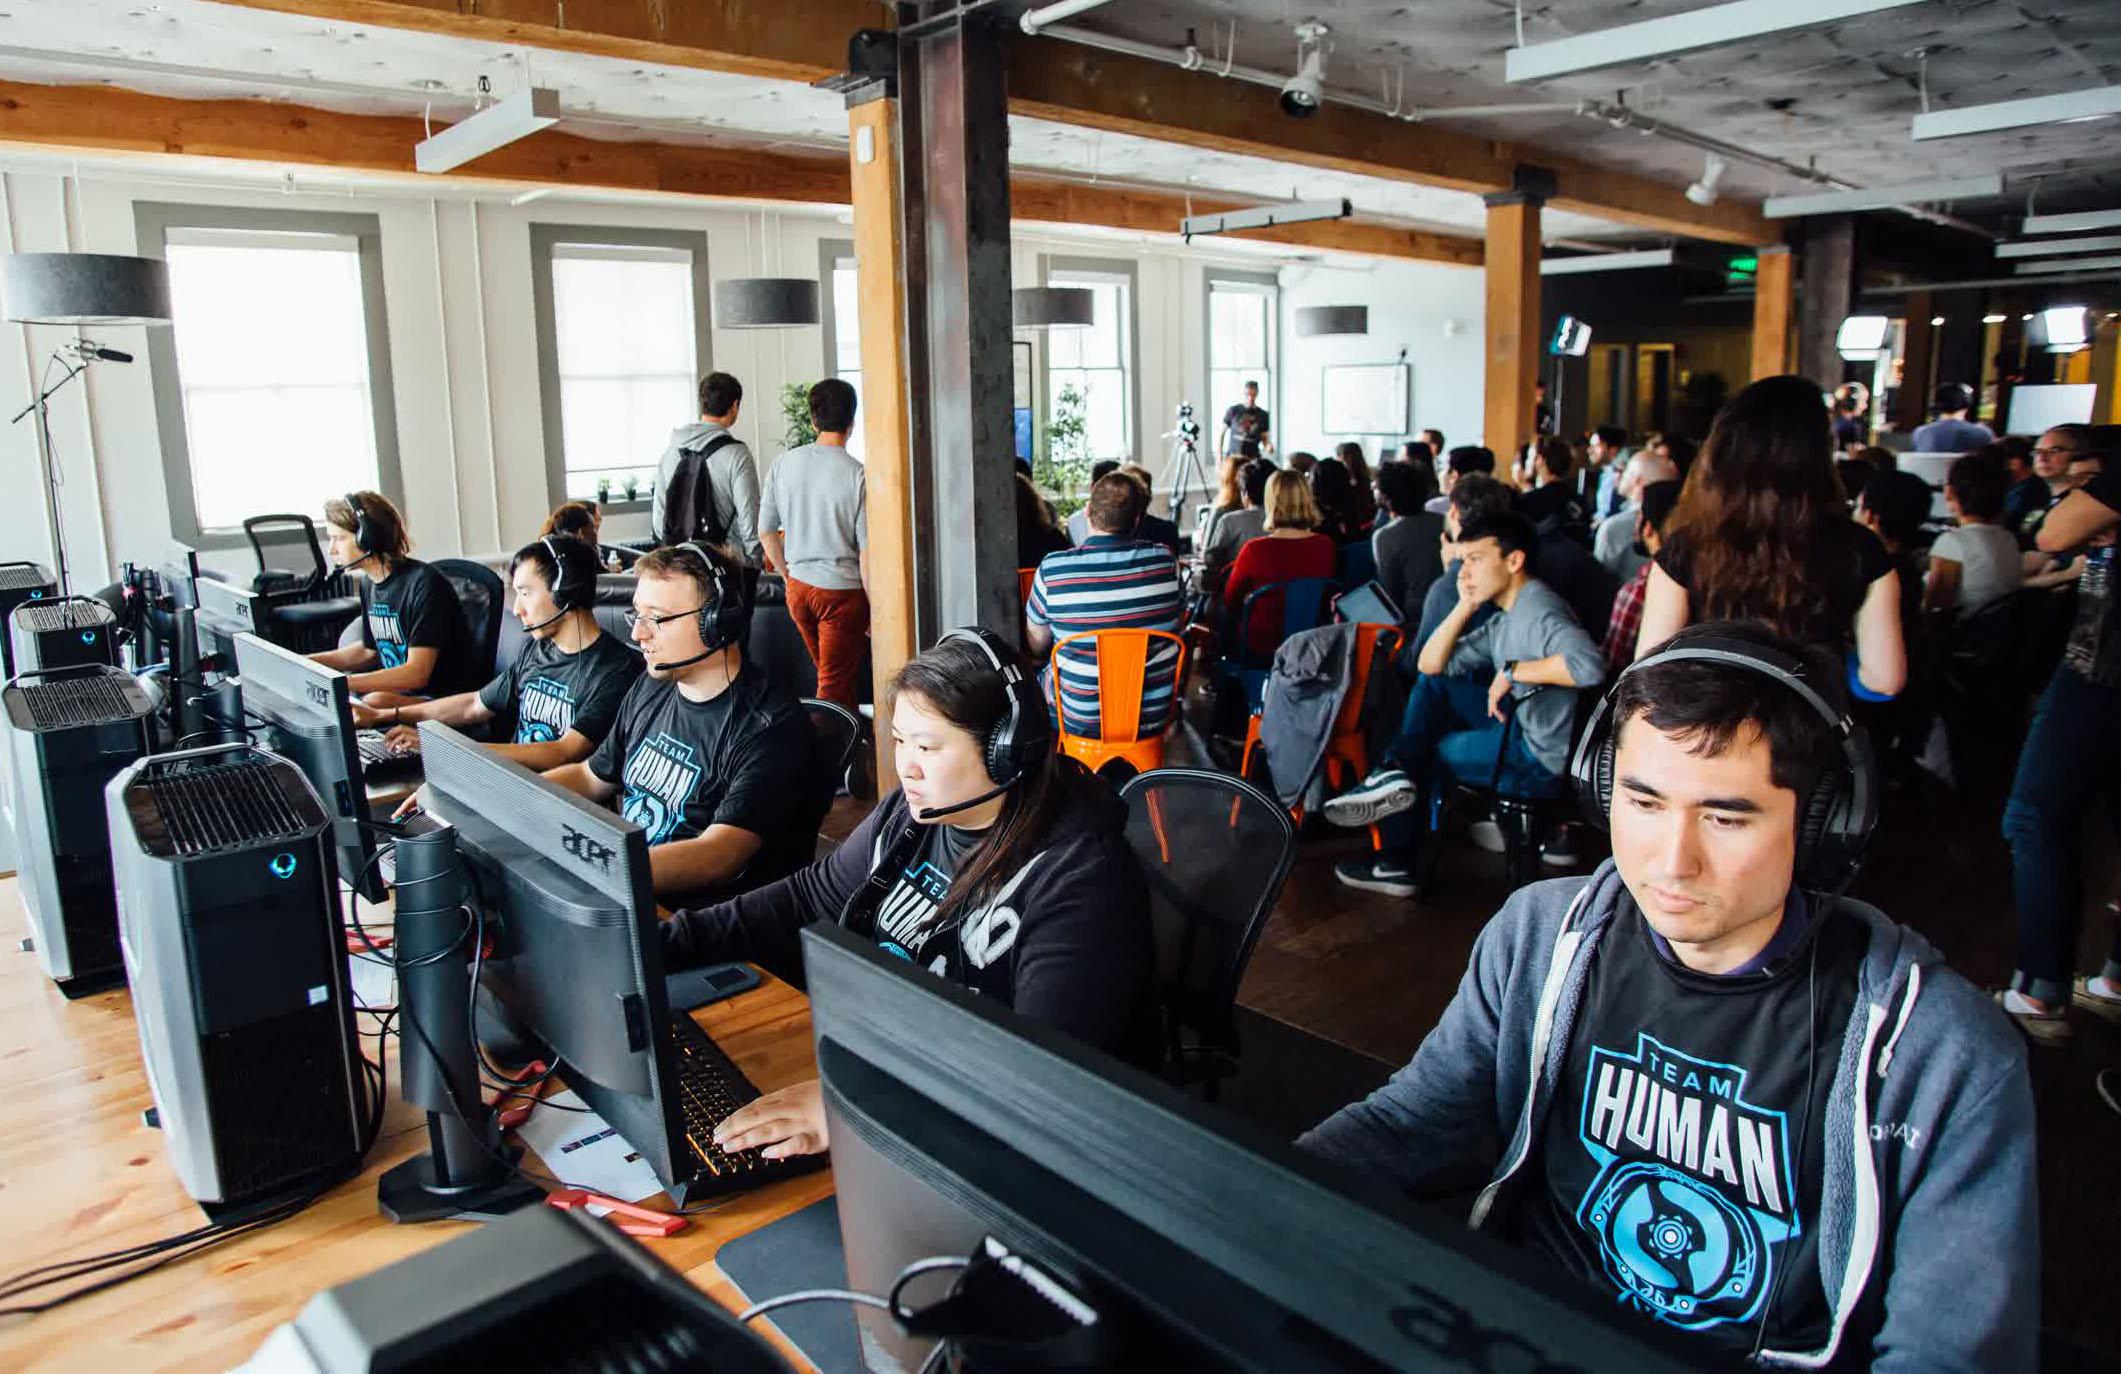 AI Bots Seek to Beat Top Human Players at Dota 2